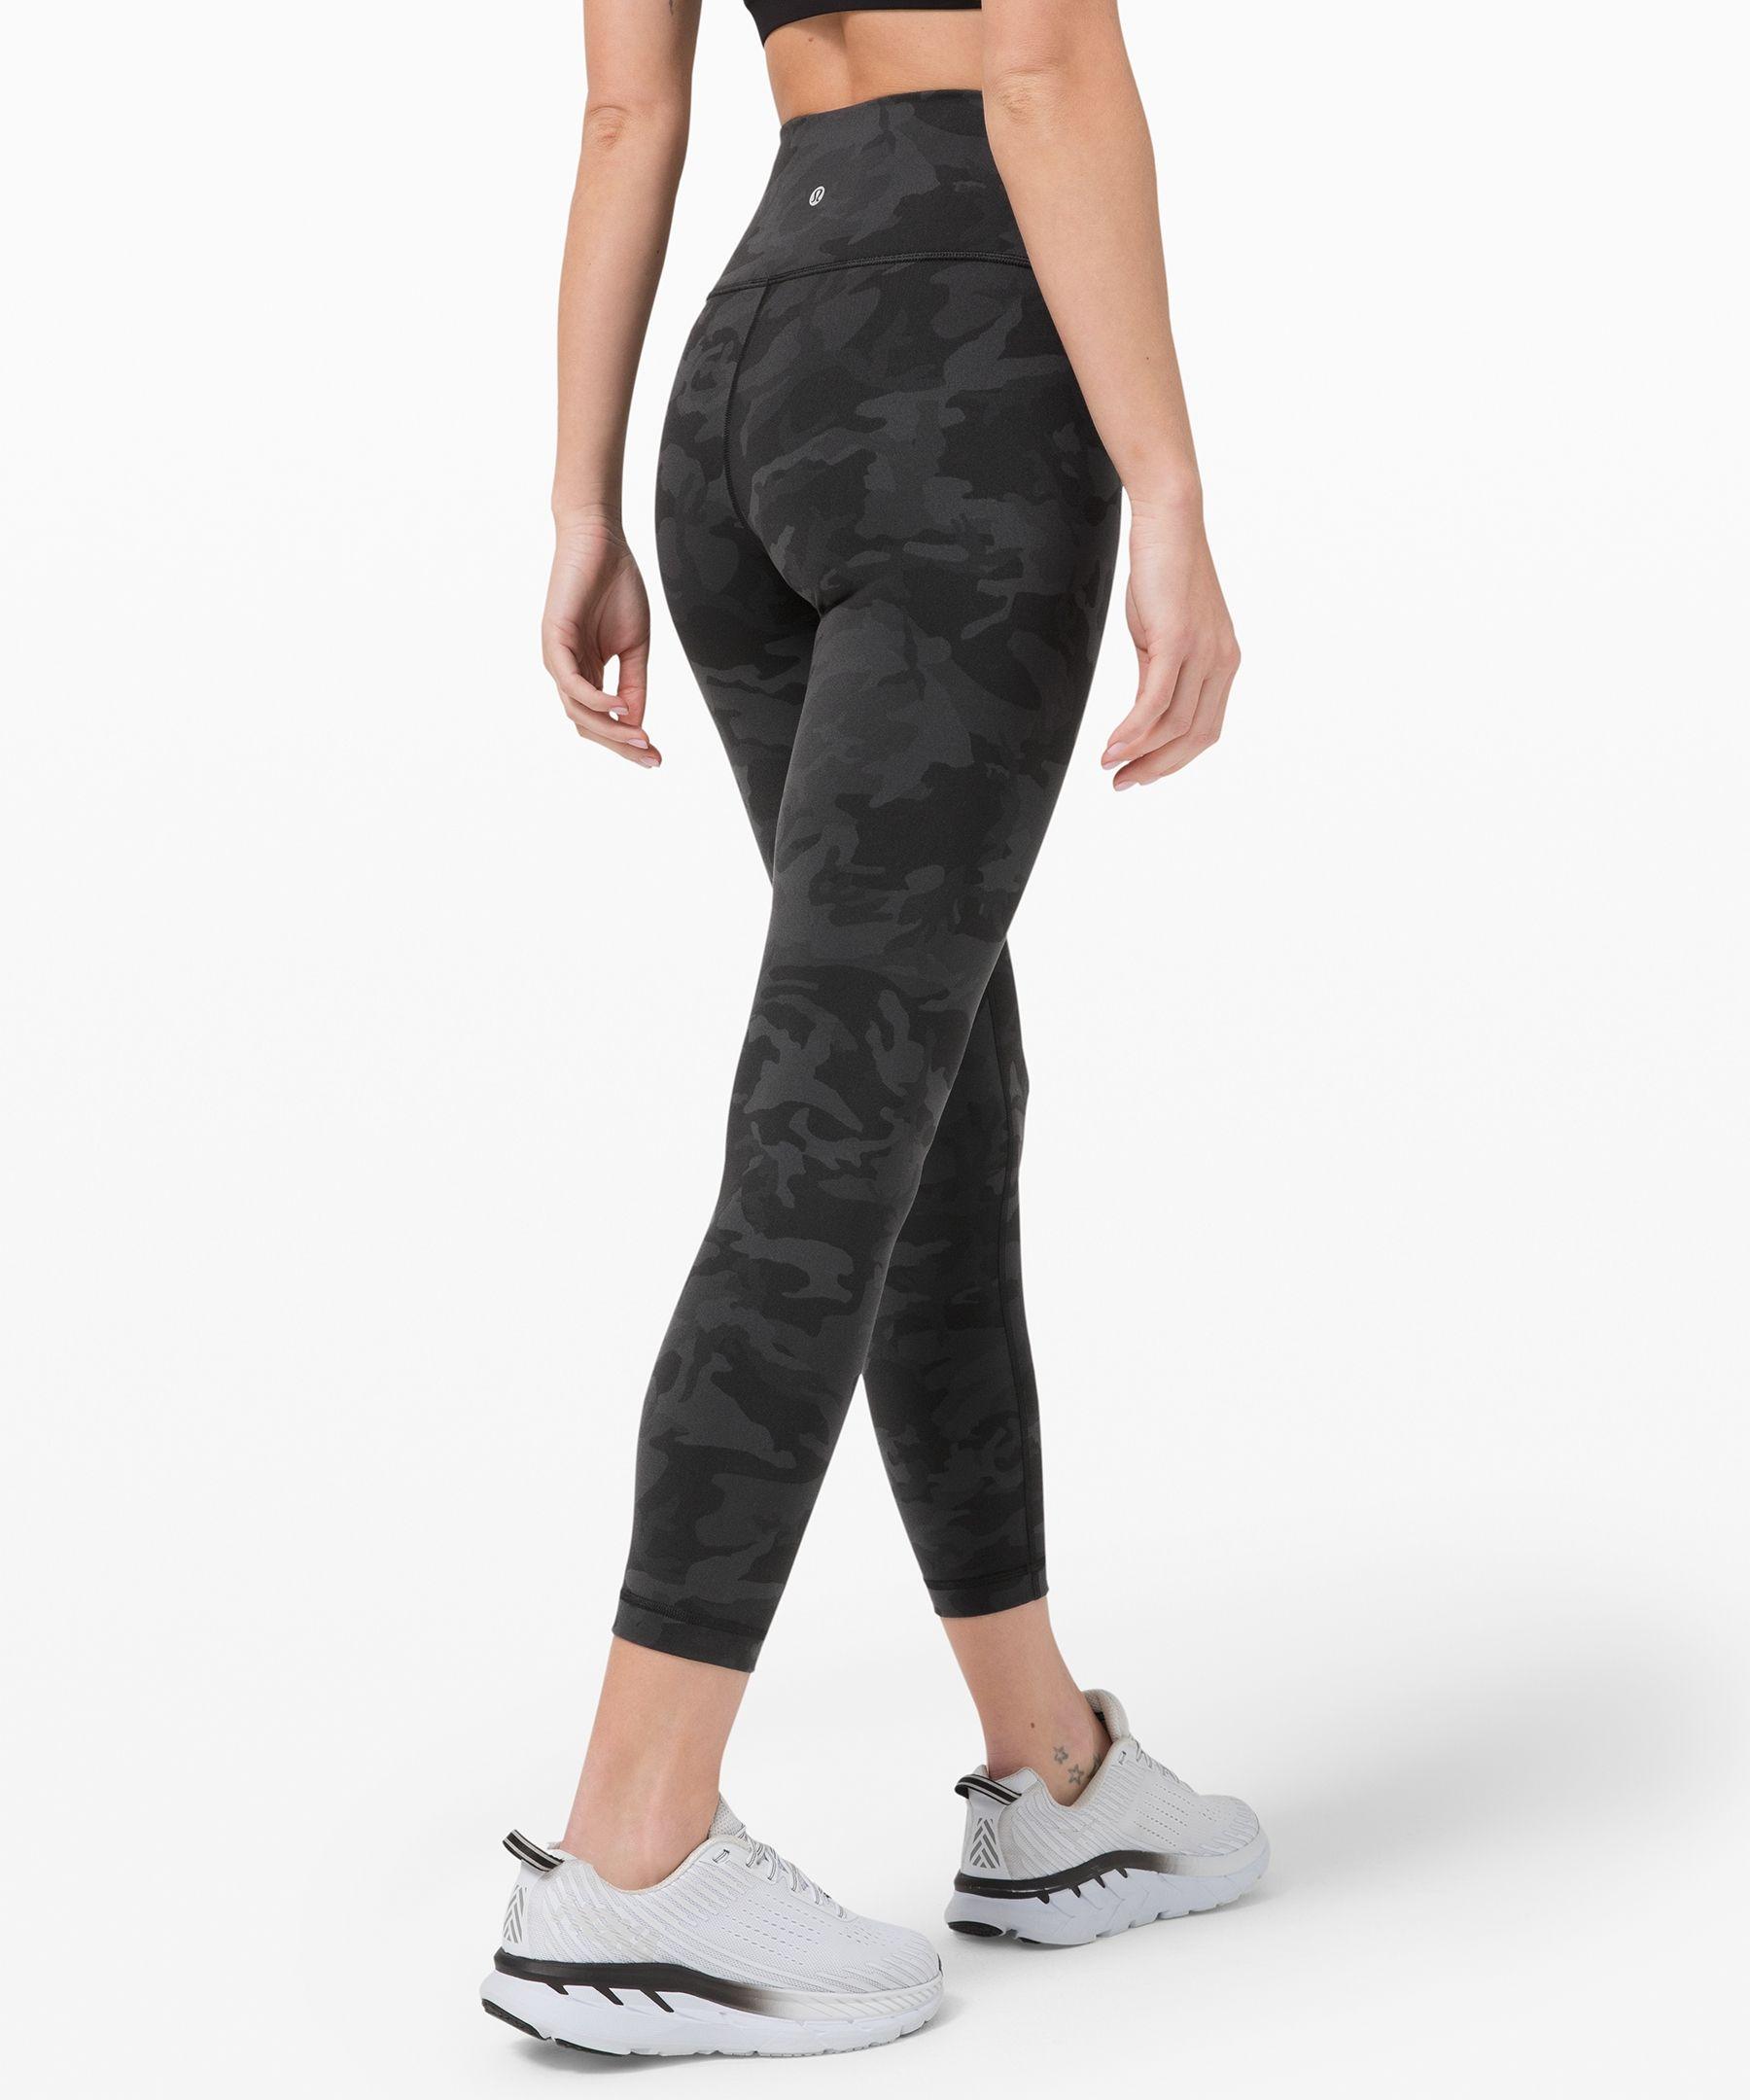 Wunder Under High Rise Tight 25 Full On Luon Women S Pants Lululemon In 2020 Pants For Women Lululemon Women High Rise Leggings